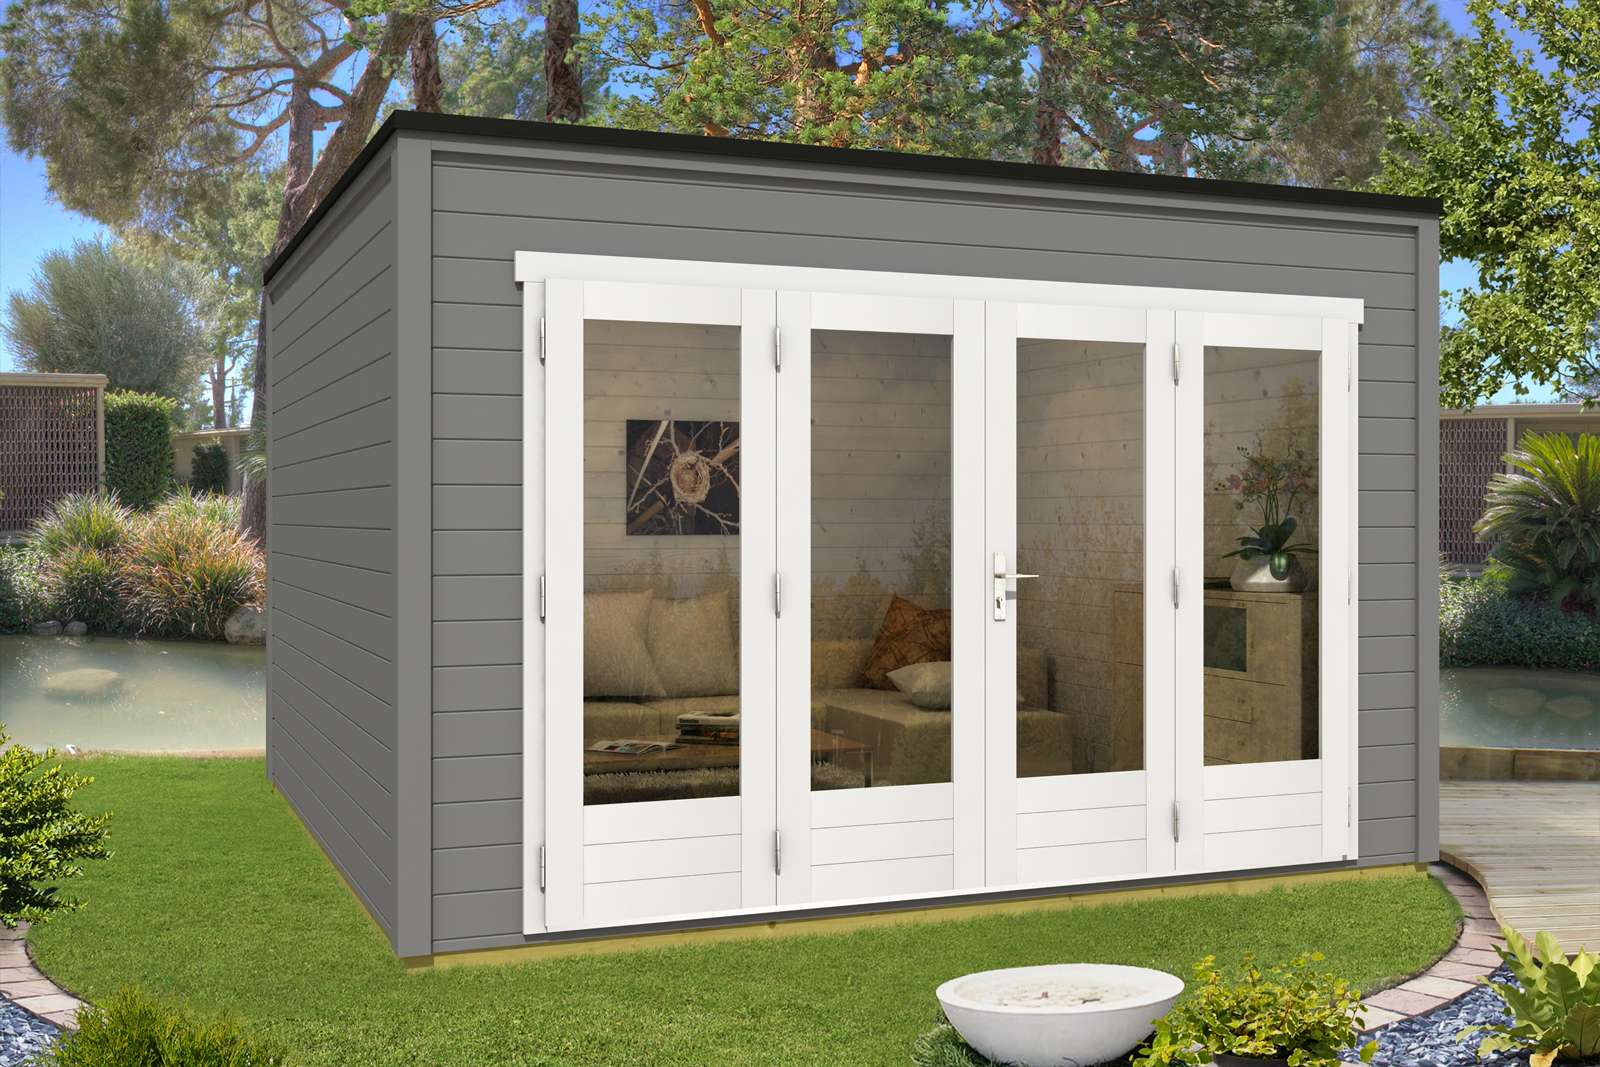 gartenhaus heizen gasheizung aussenwand fhaus wohnung gartenhaus garage werkstatt with. Black Bedroom Furniture Sets. Home Design Ideas